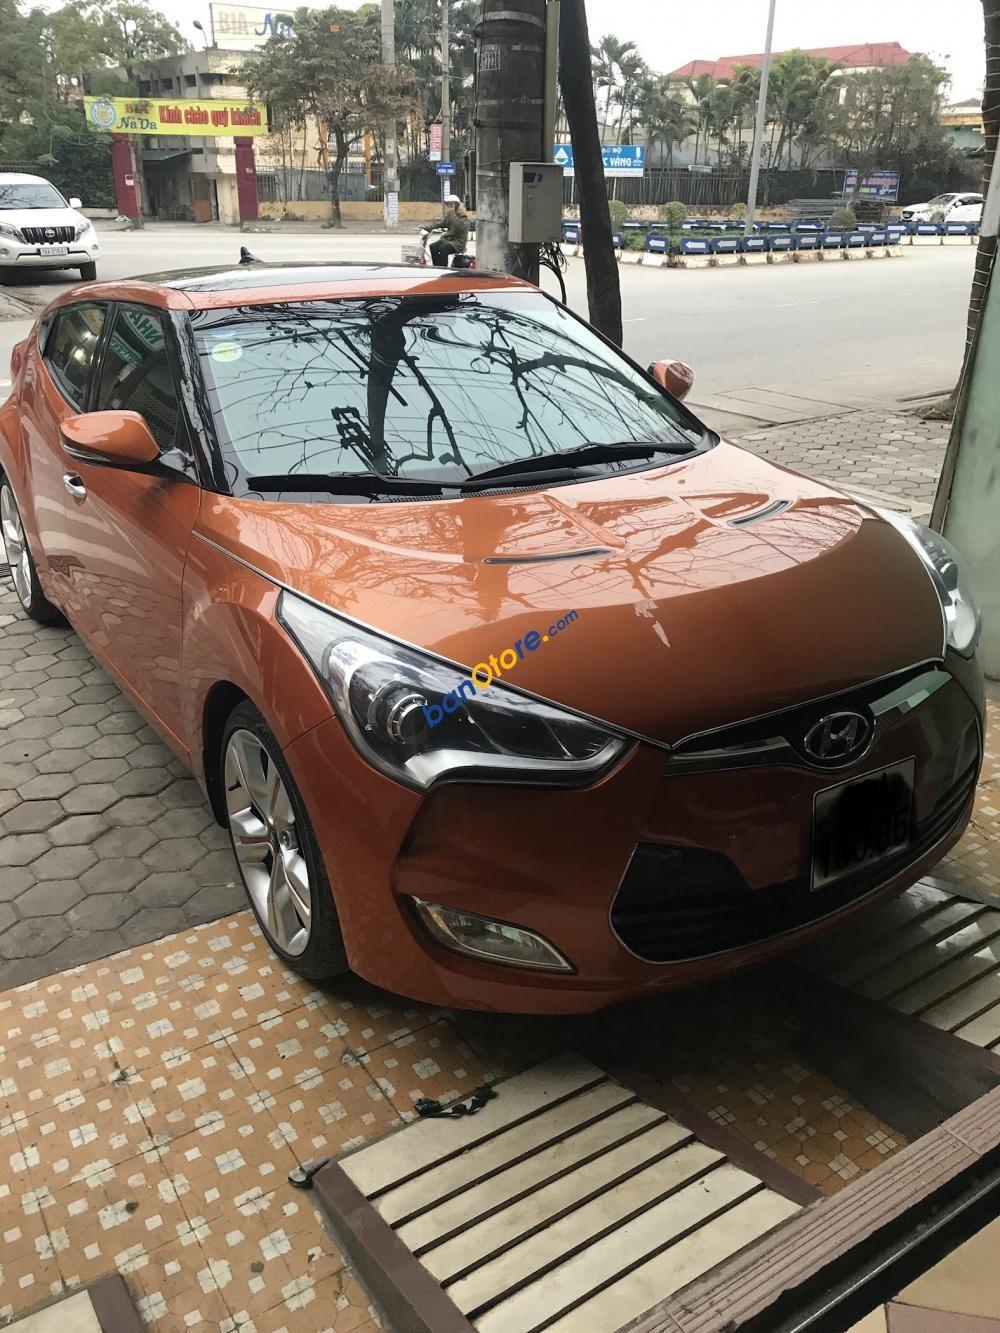 Cần bán Hyundai Veloster đời 2011, màu vàng, nhập khẩu nguyên chiếc